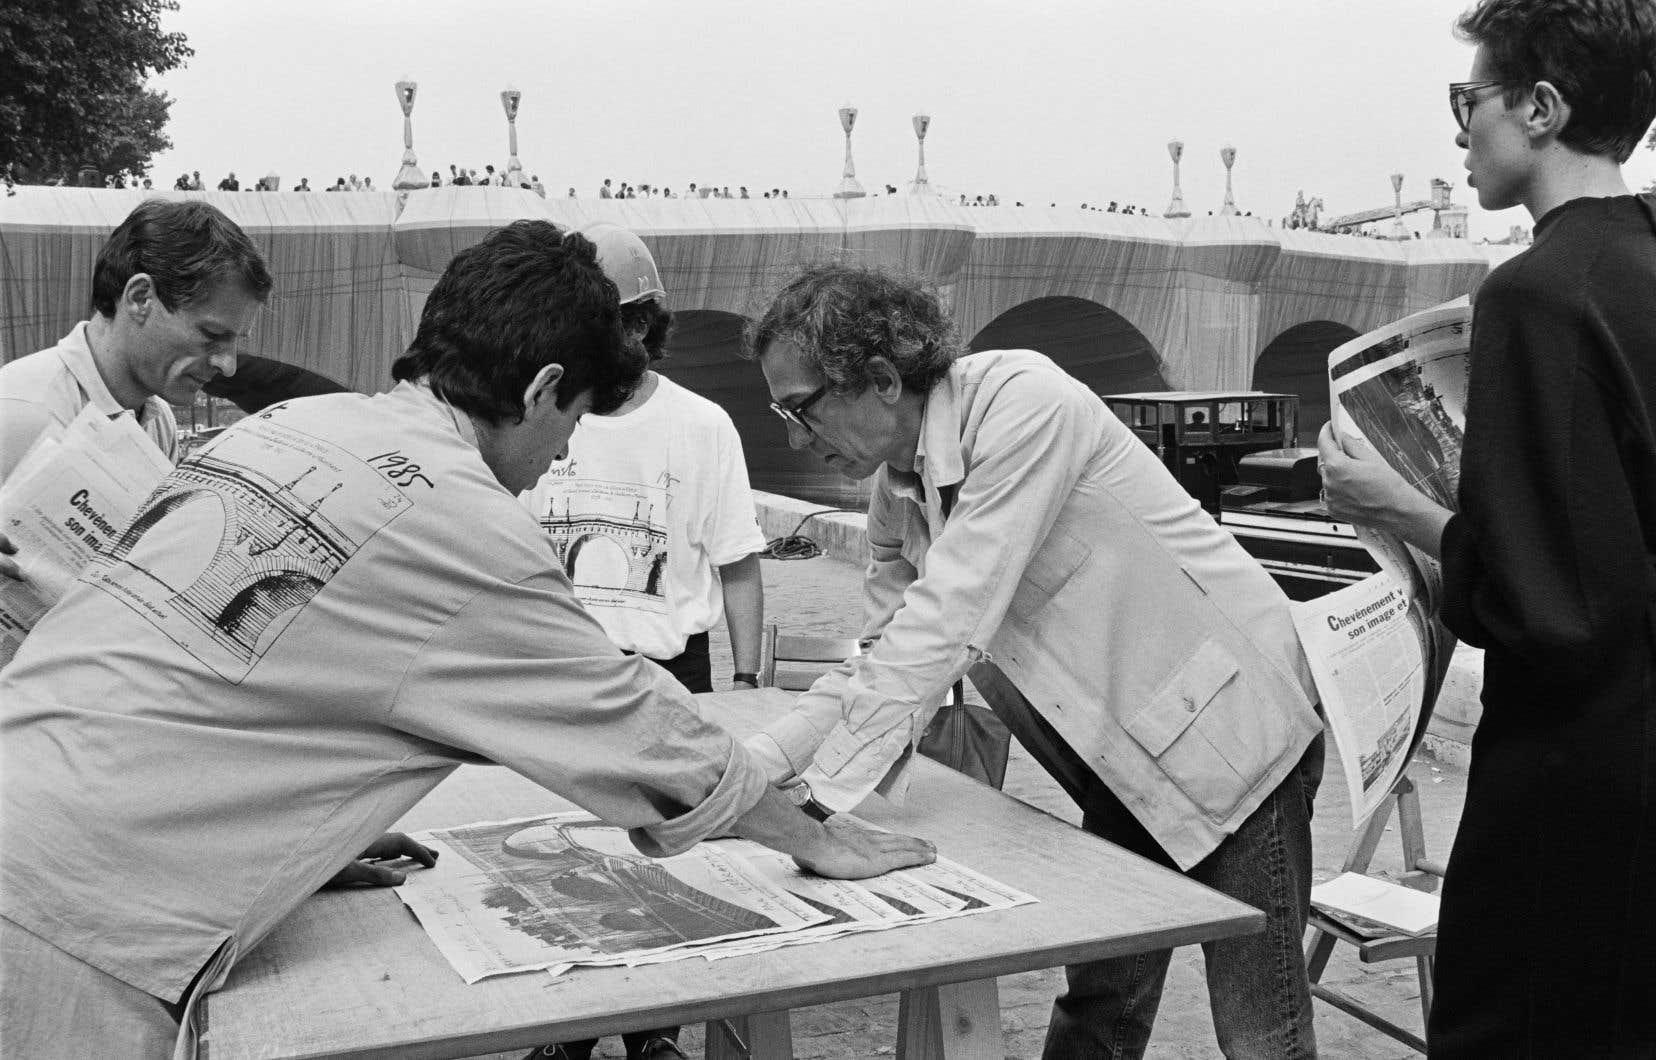 L'artiste d'origine bulgare s'est fait connaître pour ses réalisations monumentales, comme son emballage du Pont-Neuf de Paris, en 1985.